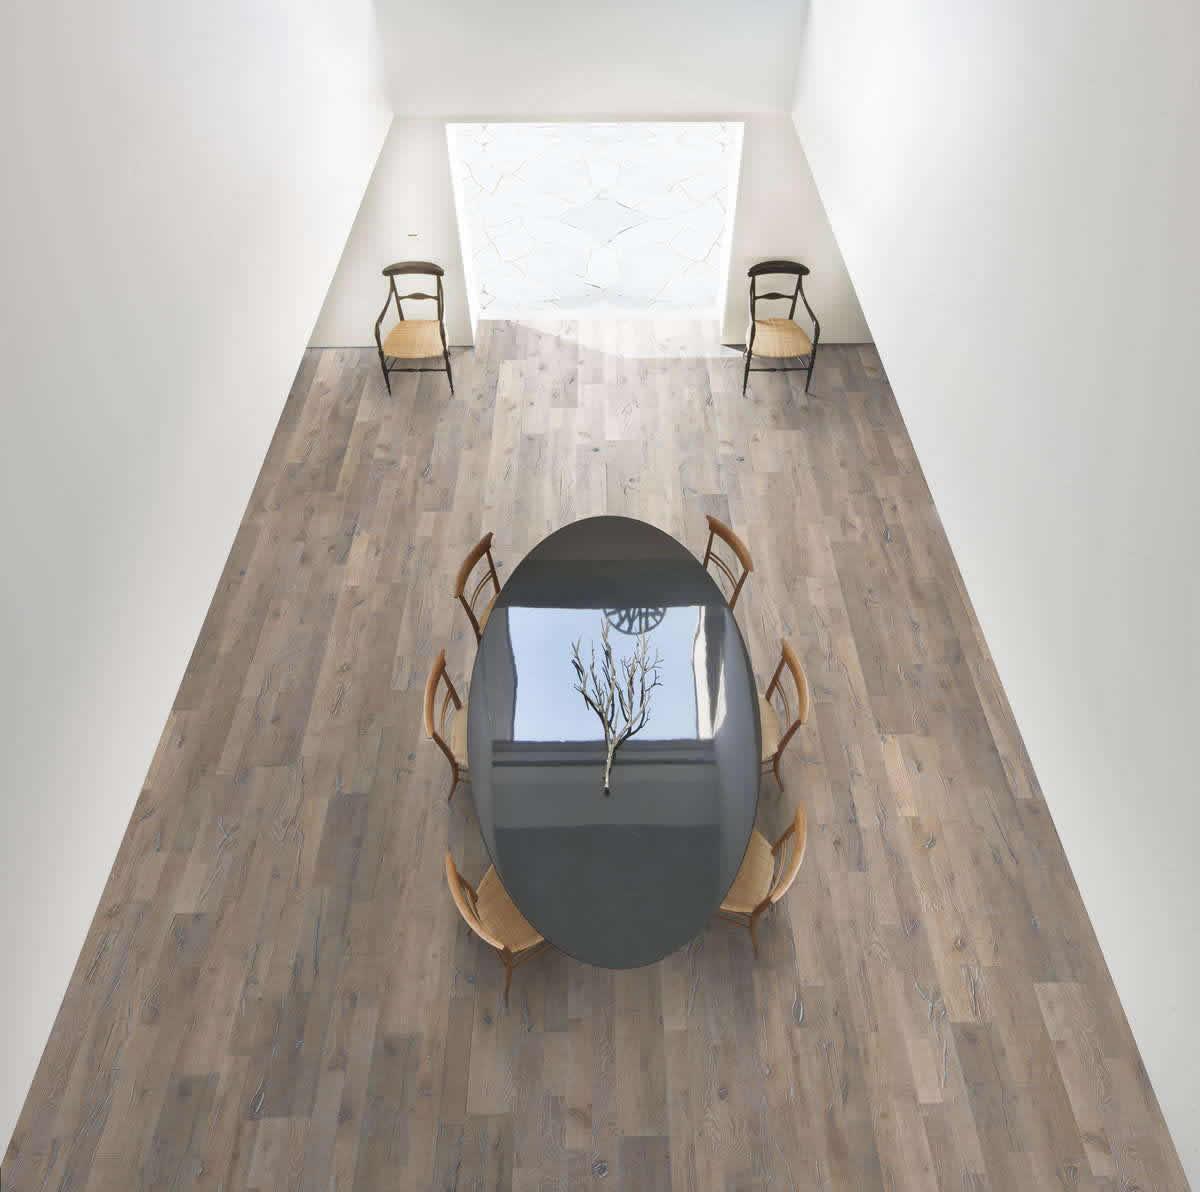 kahrs oak dussato engineered wood flooring. Black Bedroom Furniture Sets. Home Design Ideas